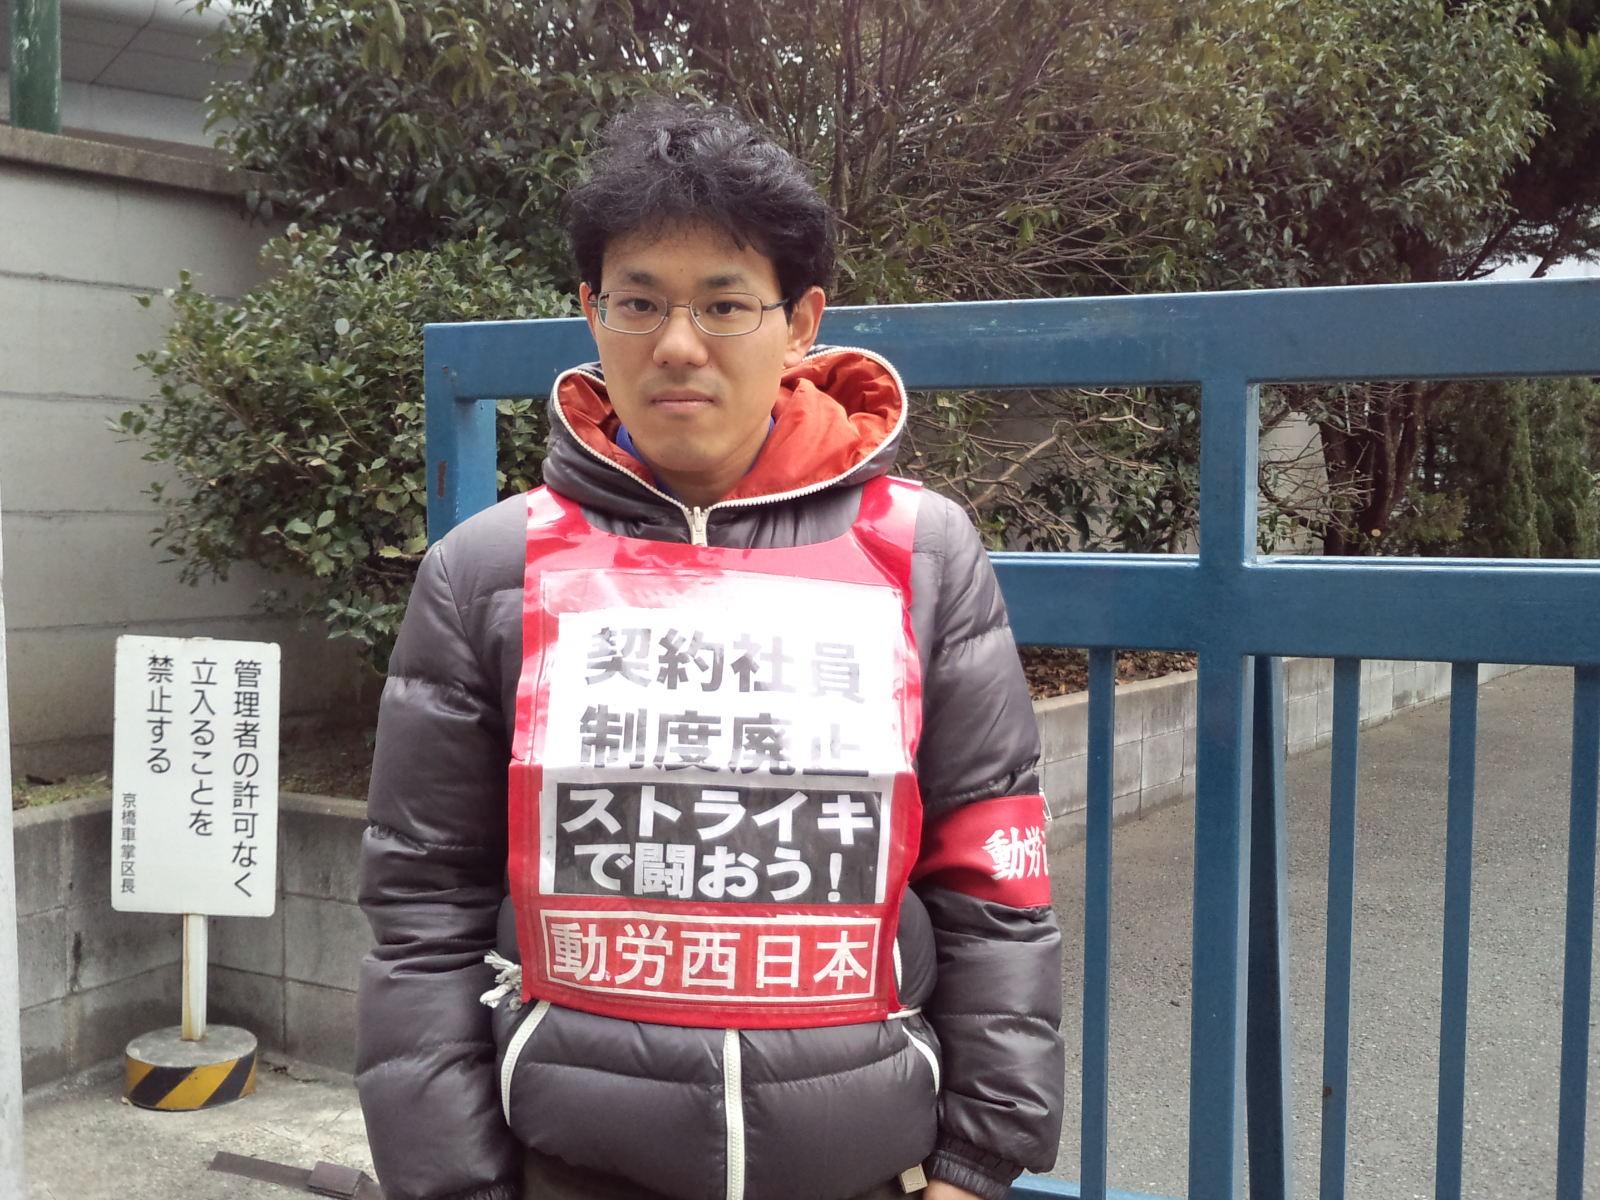 1月25日京橋_d0155415_13553110.jpg